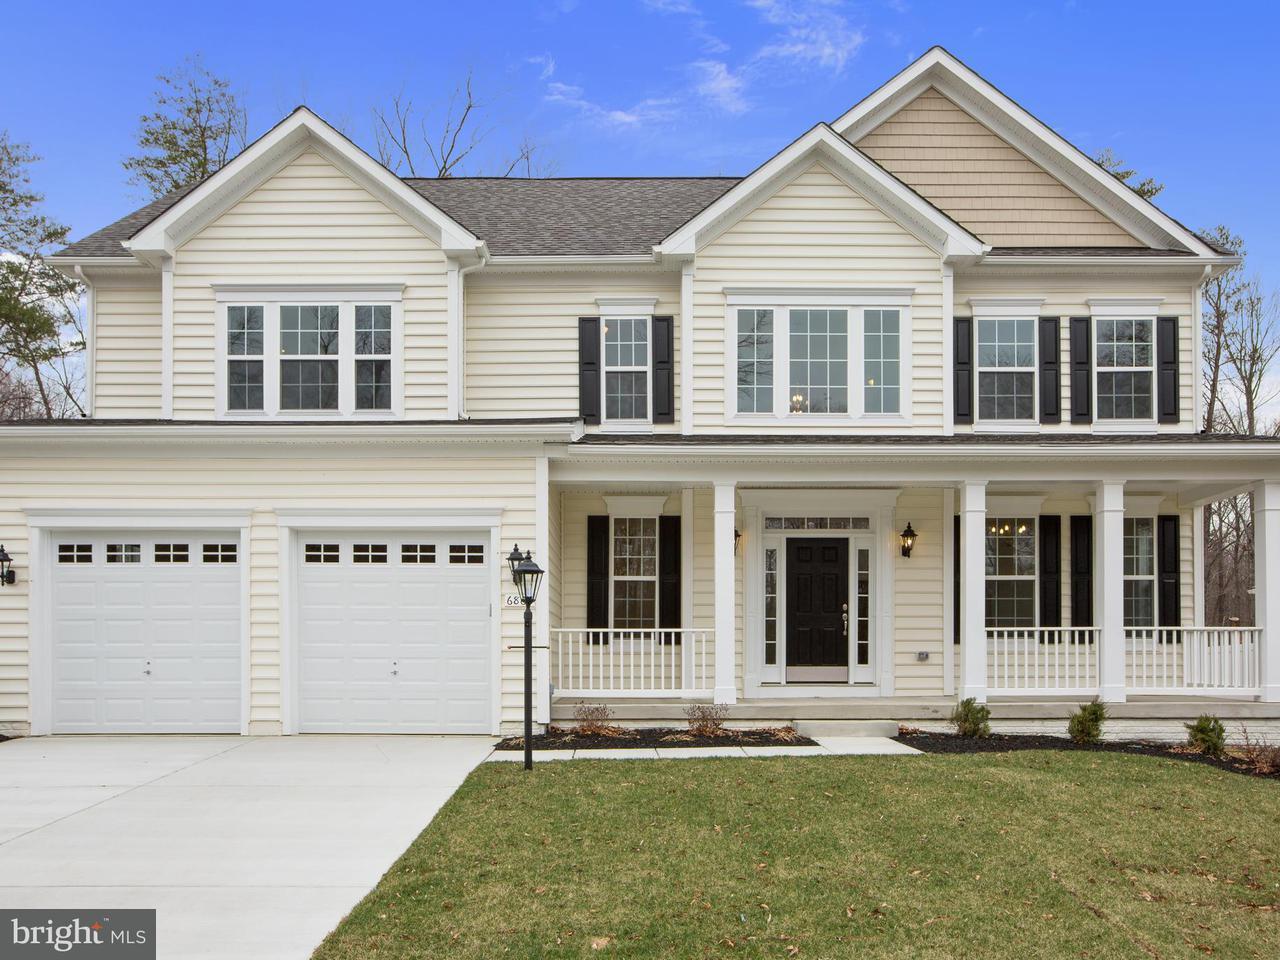 一戸建て のために 売買 アット 6862 Mccormick Drive 6862 Mccormick Drive Bryans Road, メリーランド 20616 アメリカ合衆国